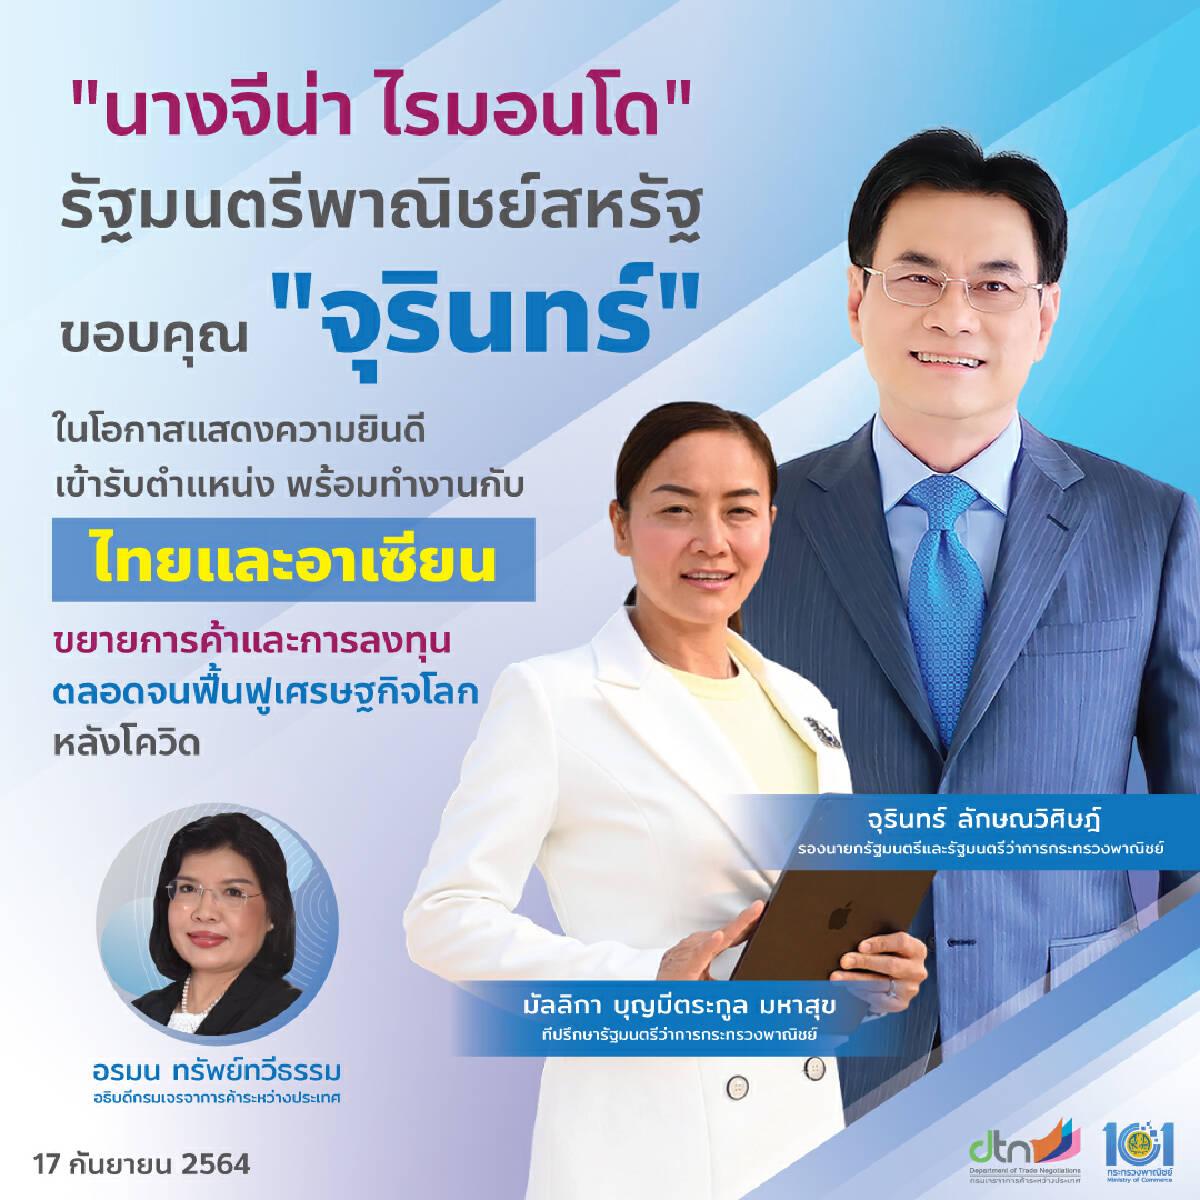 สหรัฐฯ ประกาศร่วมมือไทย-อาเซียน ฟื้นฟูเศรษฐกิจโลกหลังโควิด